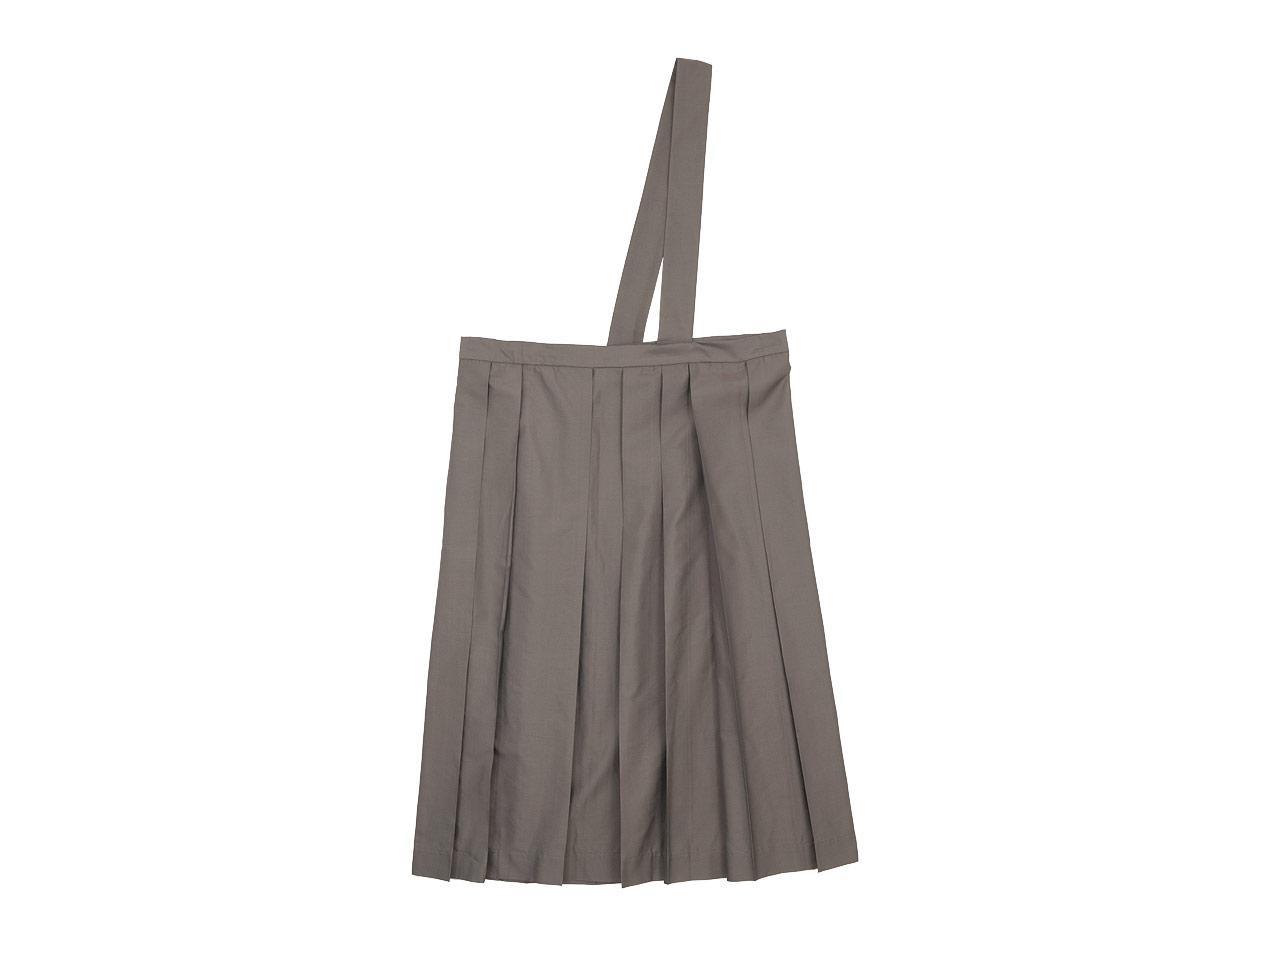 TOUJOURS One Shoulder Random Pleated Skirt